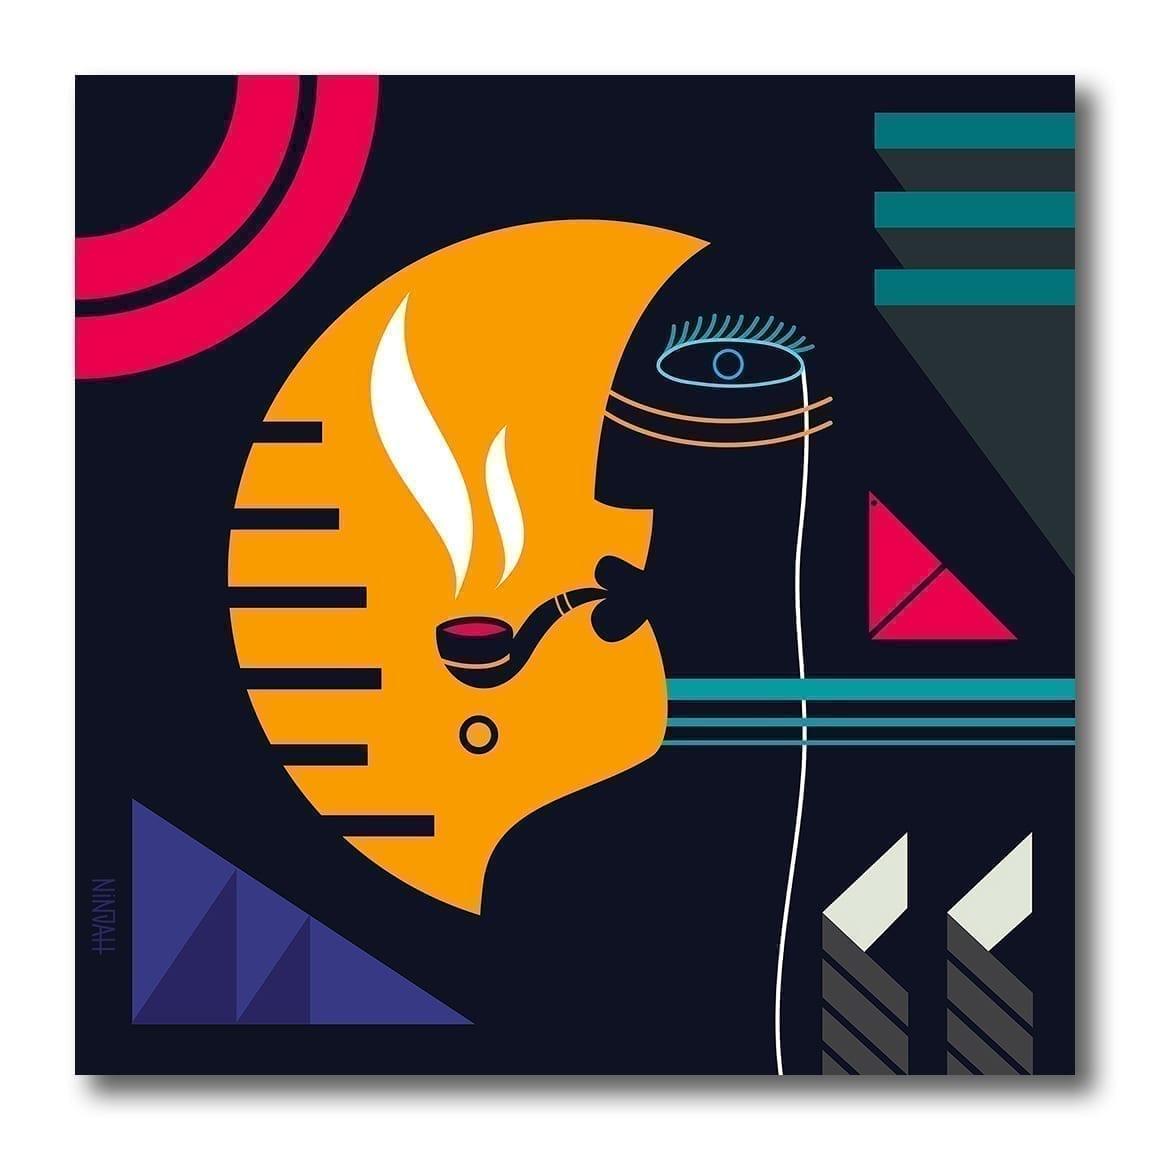 Kunstverk av Ninja kalt Cabocla